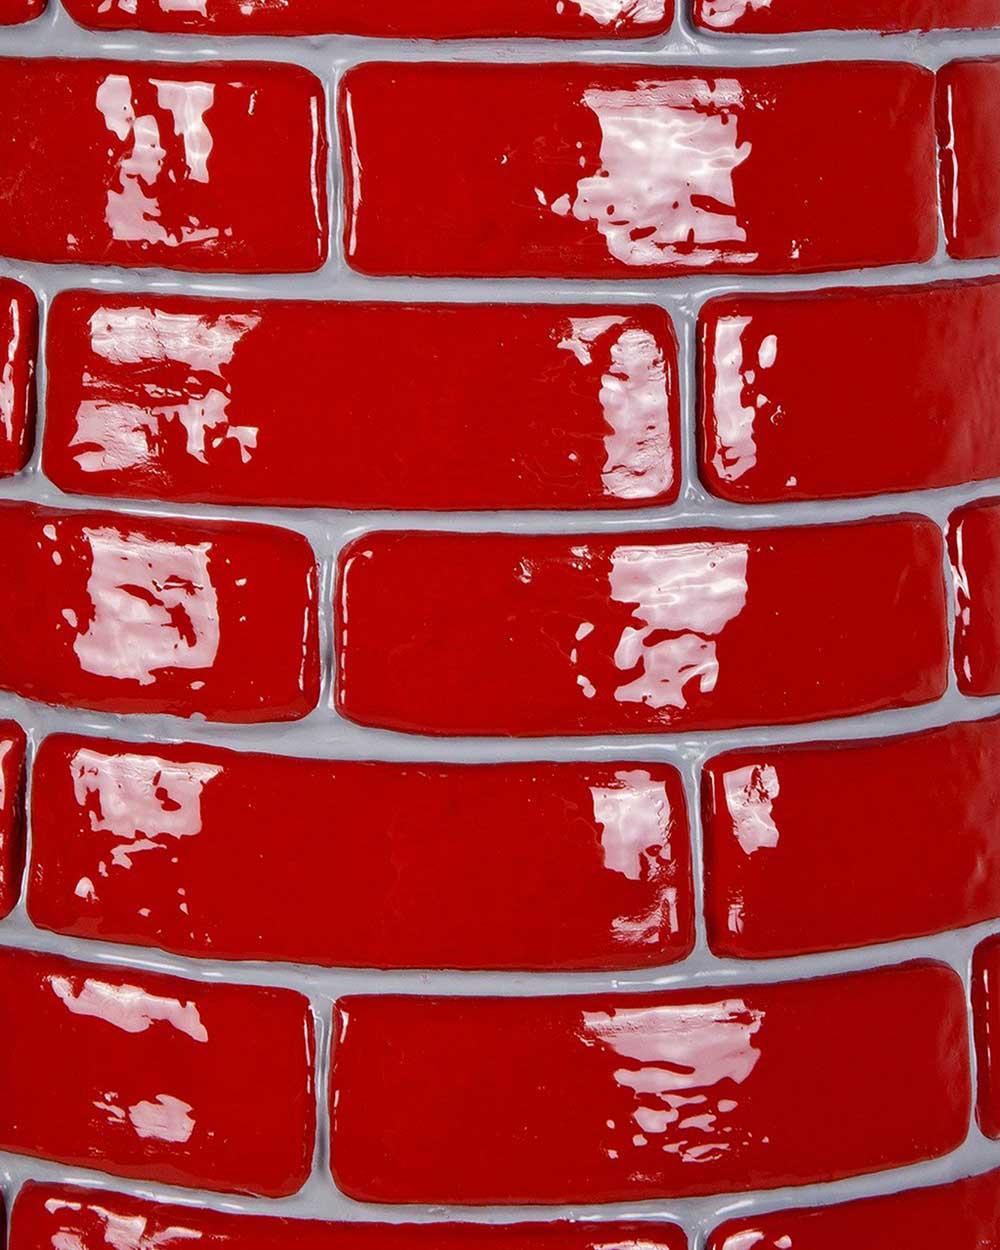 Studio-Job-Chimney-ashtray-detail